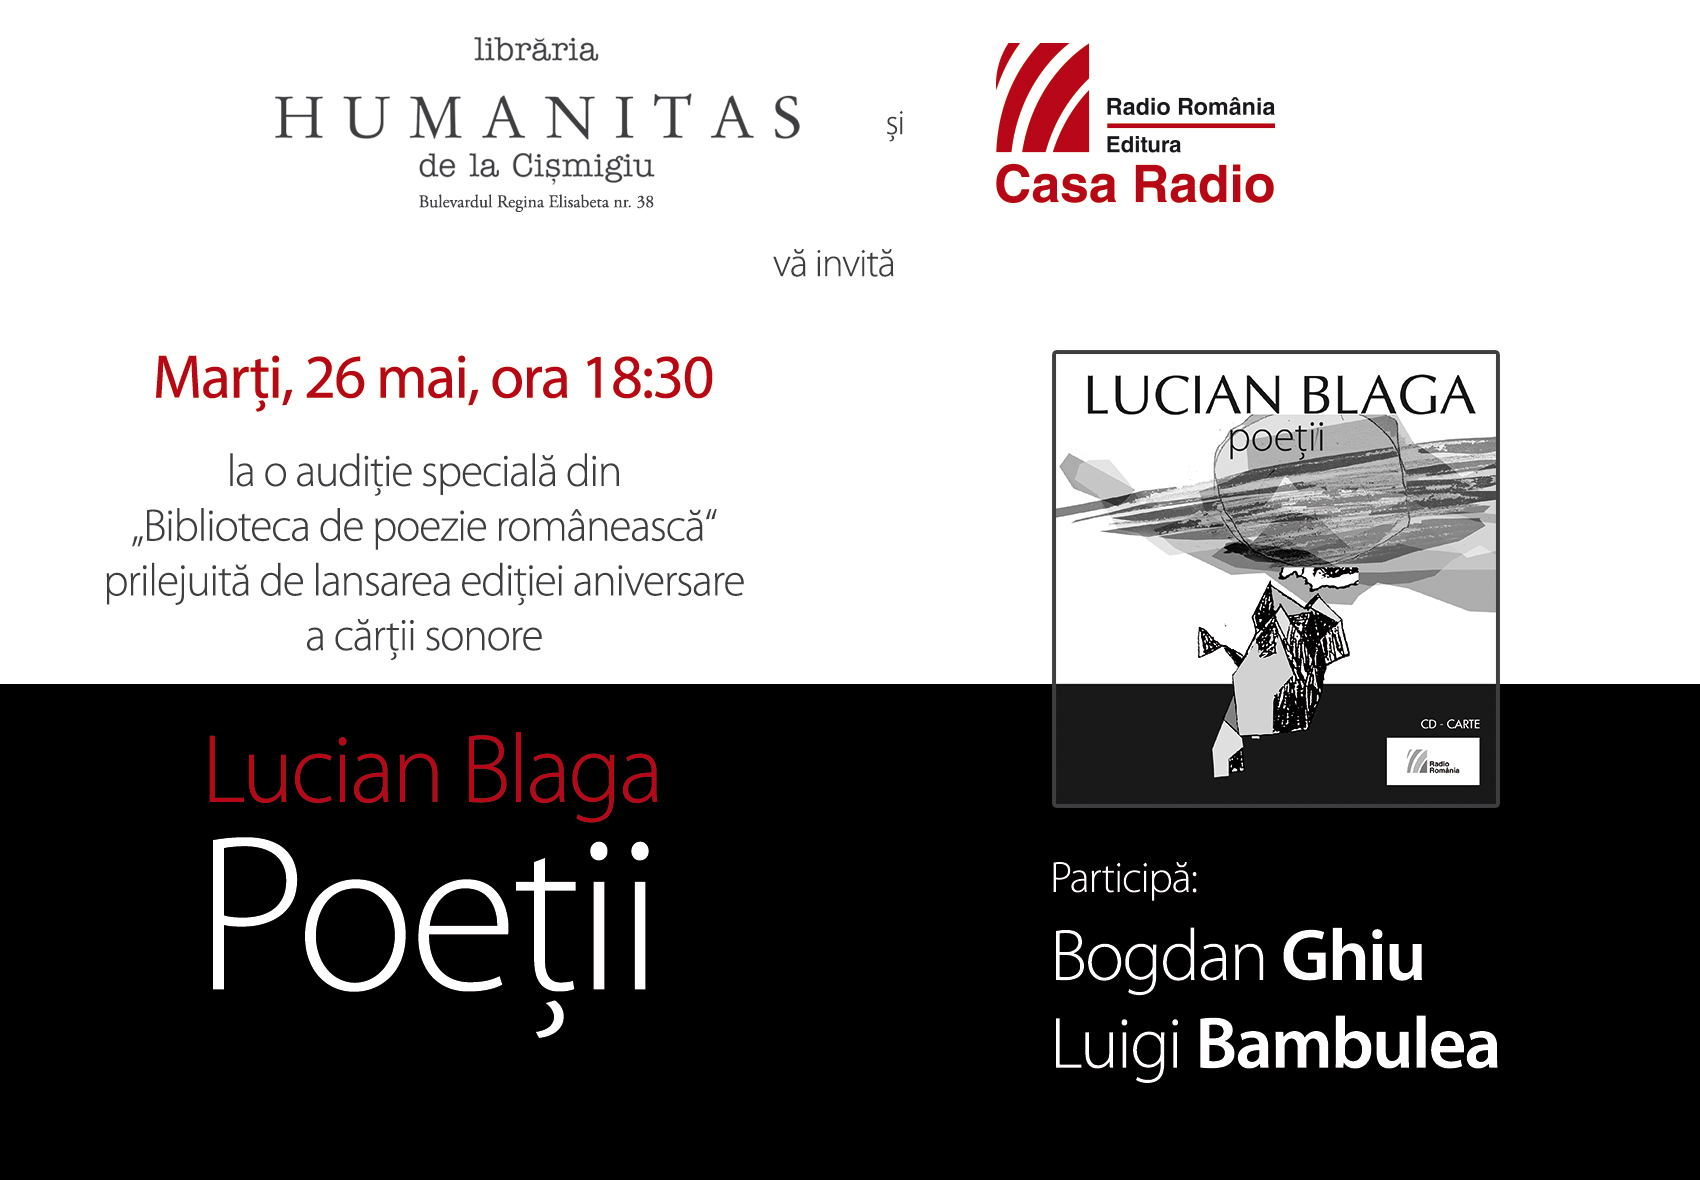 Lucian Blaga și cercul poeților dispăruți: O audiție specială oferită de Editura Casa Radio